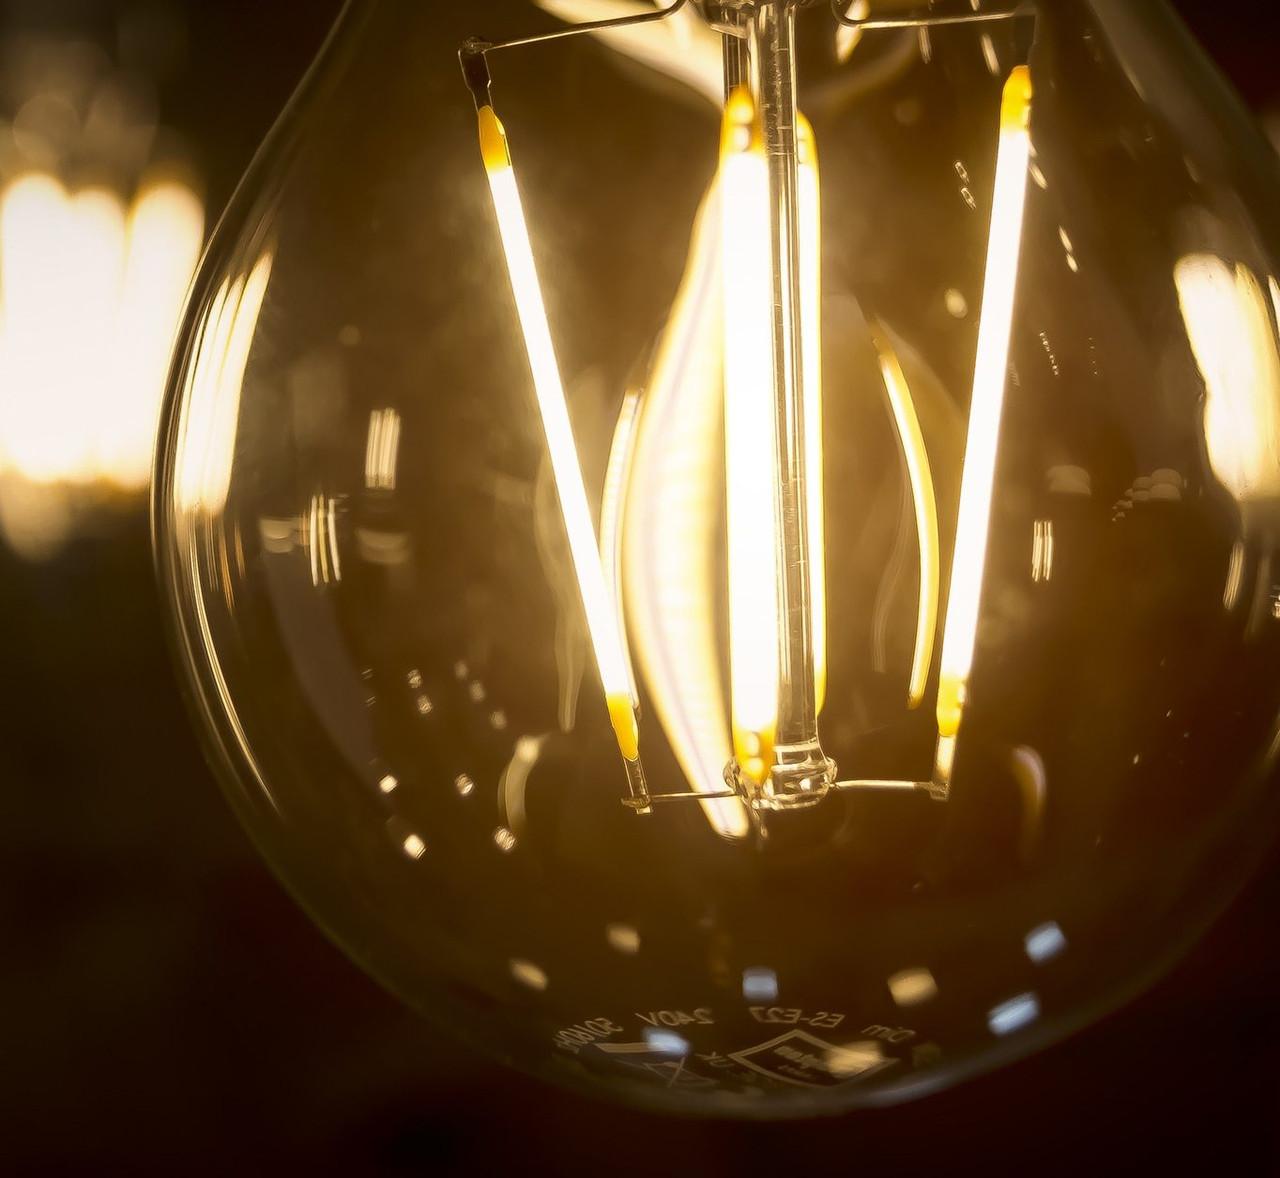 LED GLS Warm White + Cool White Light Bulbs